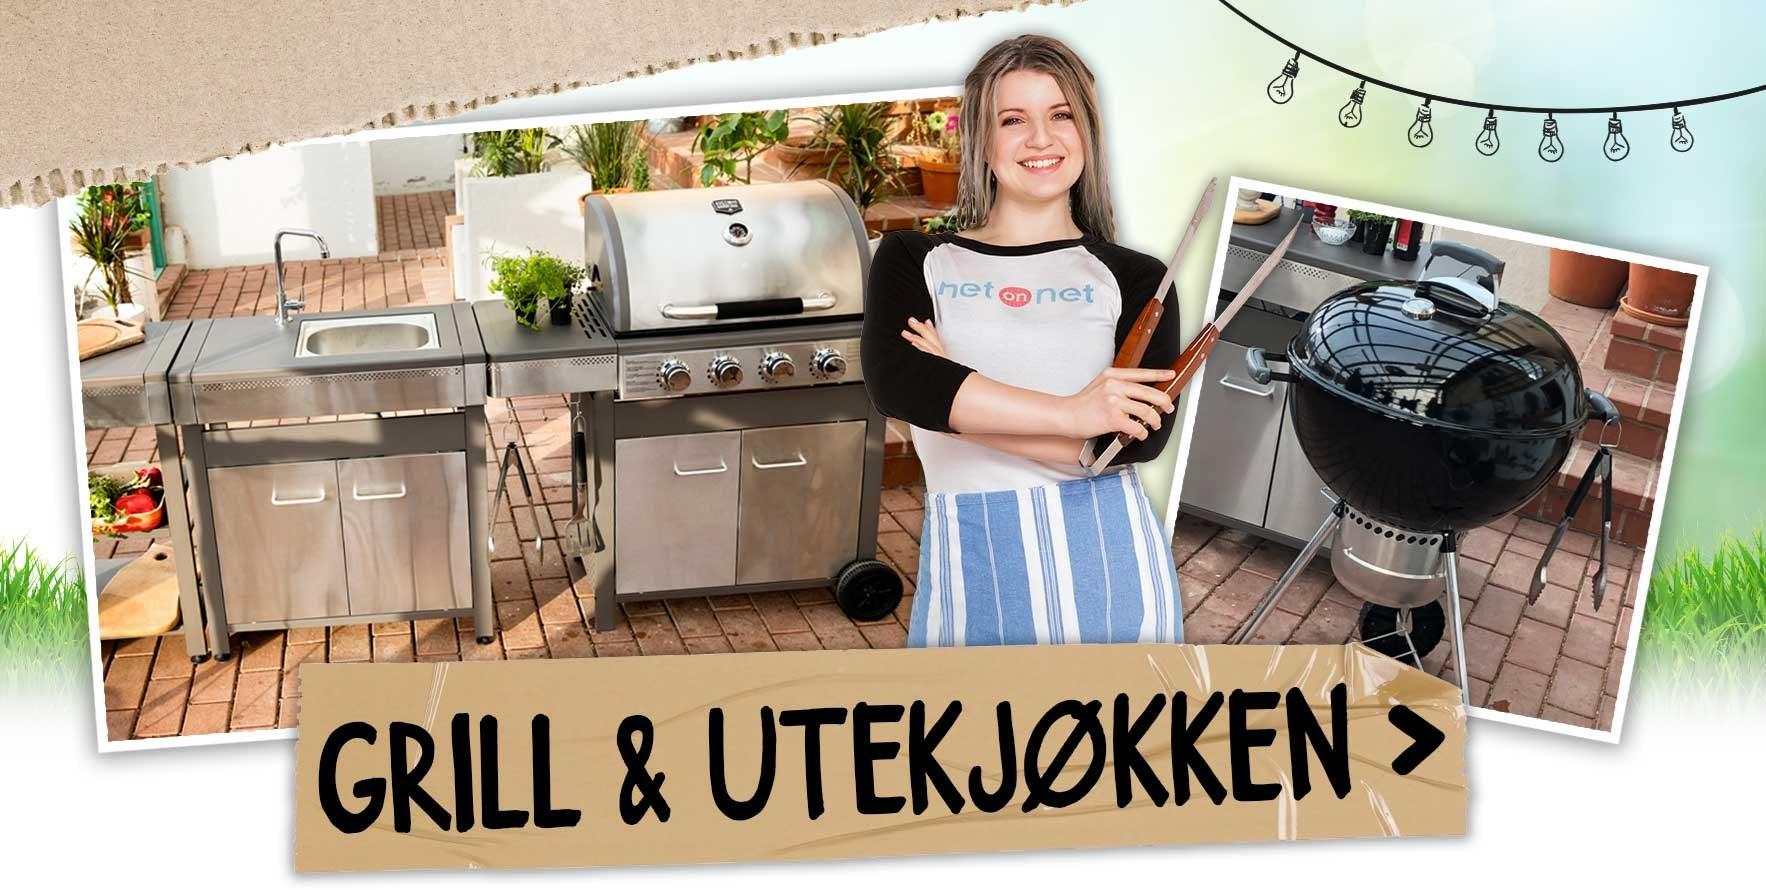 Grill og utekjøkken som sikrer en herlig sommer